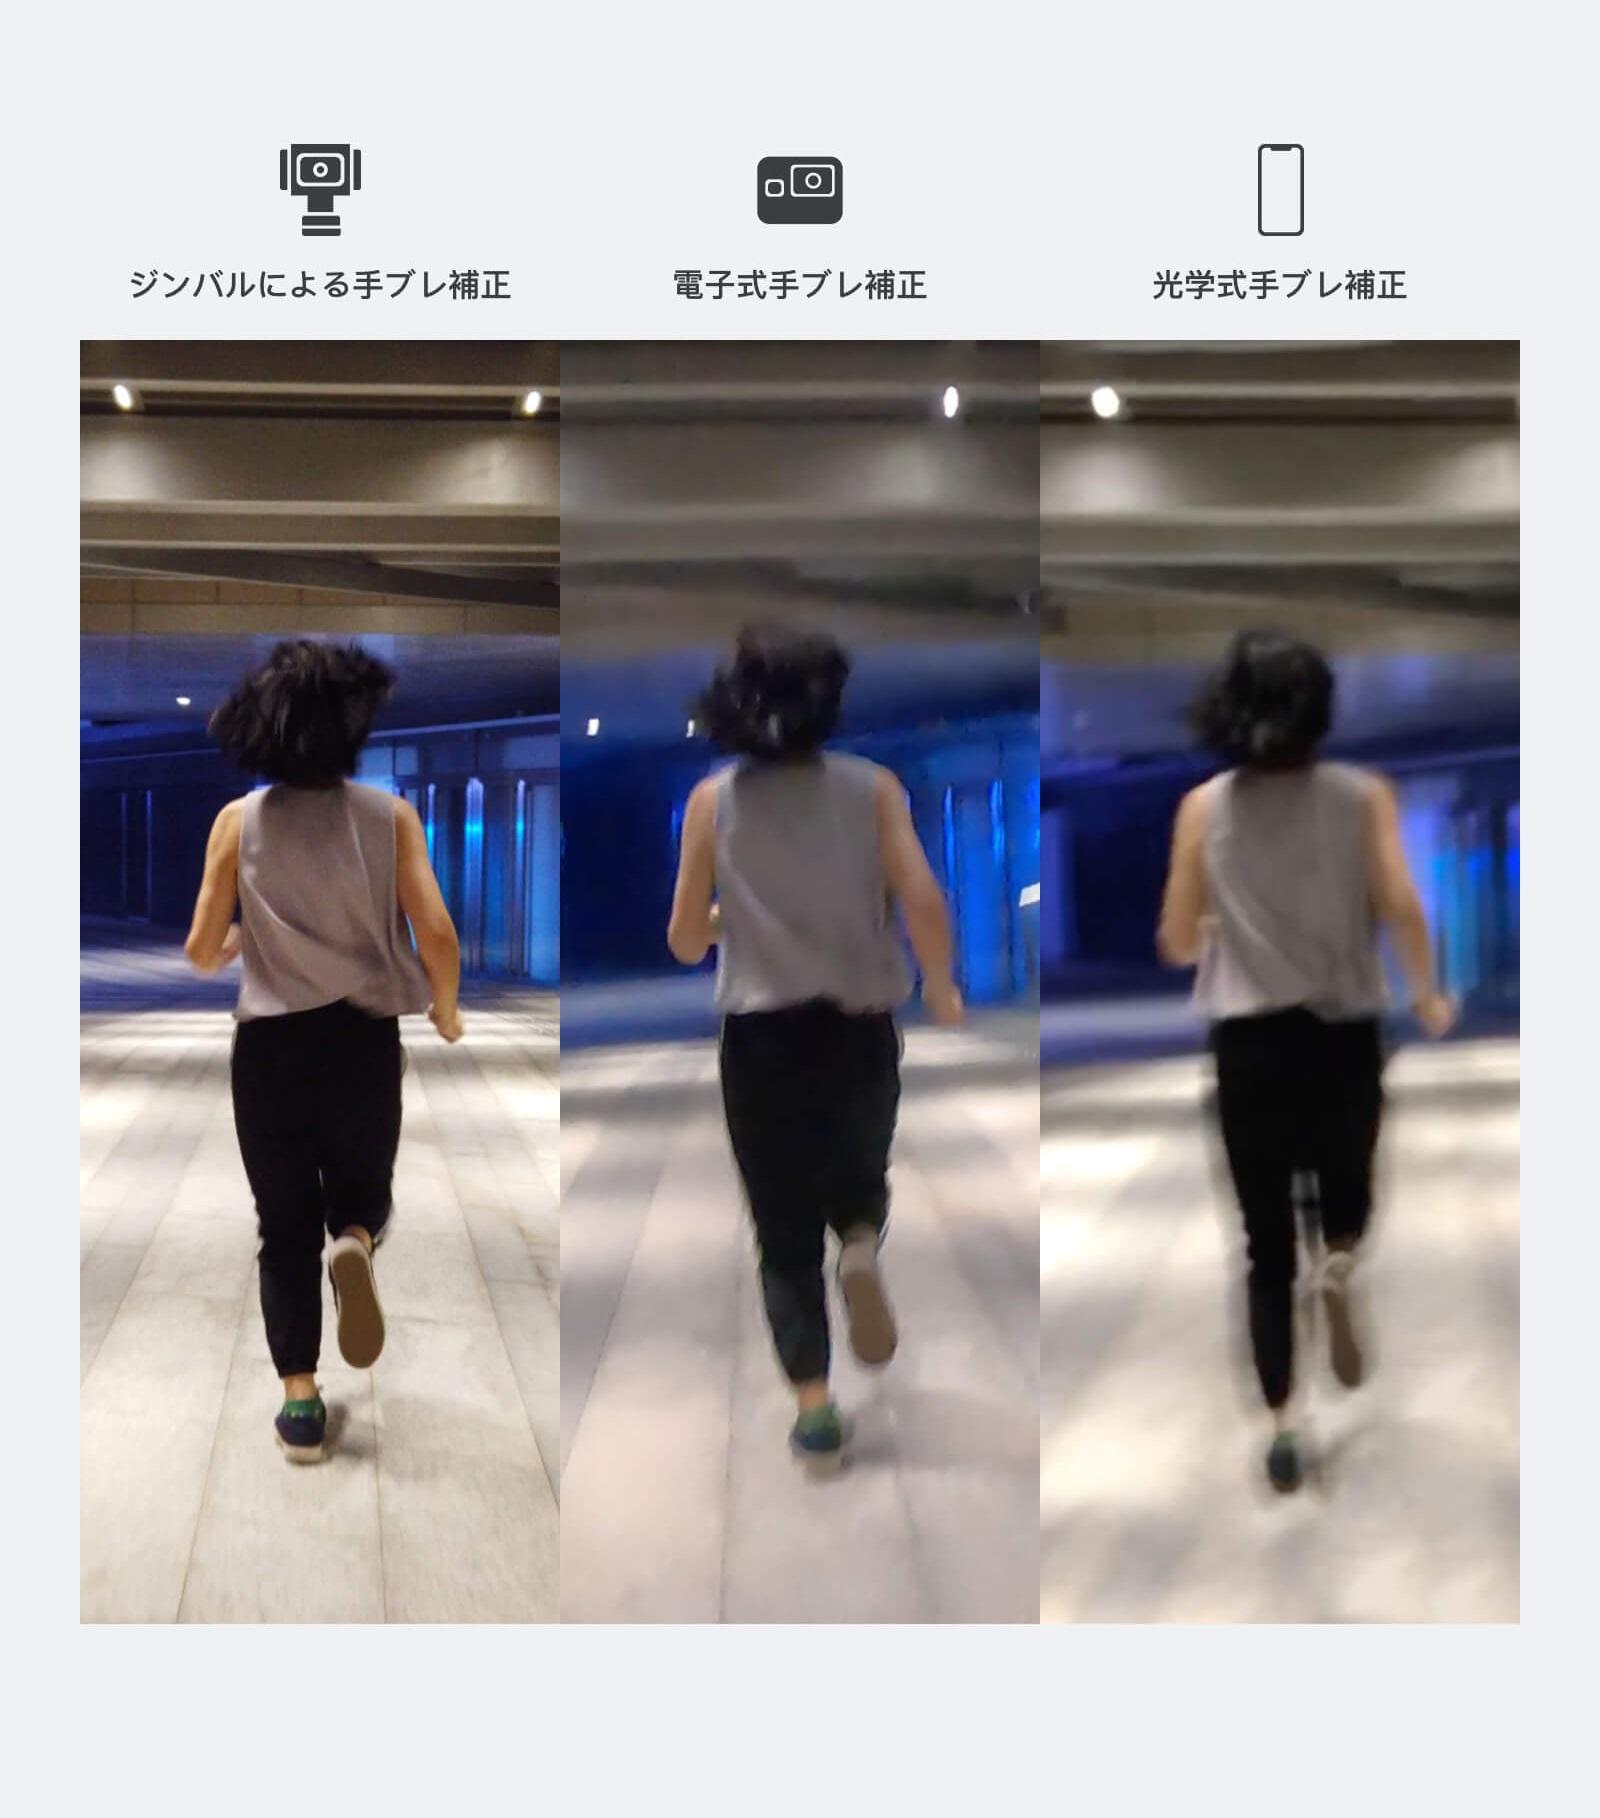 https://www.drone-station.net/images/DJI/pocket/pocket04-back.jpg